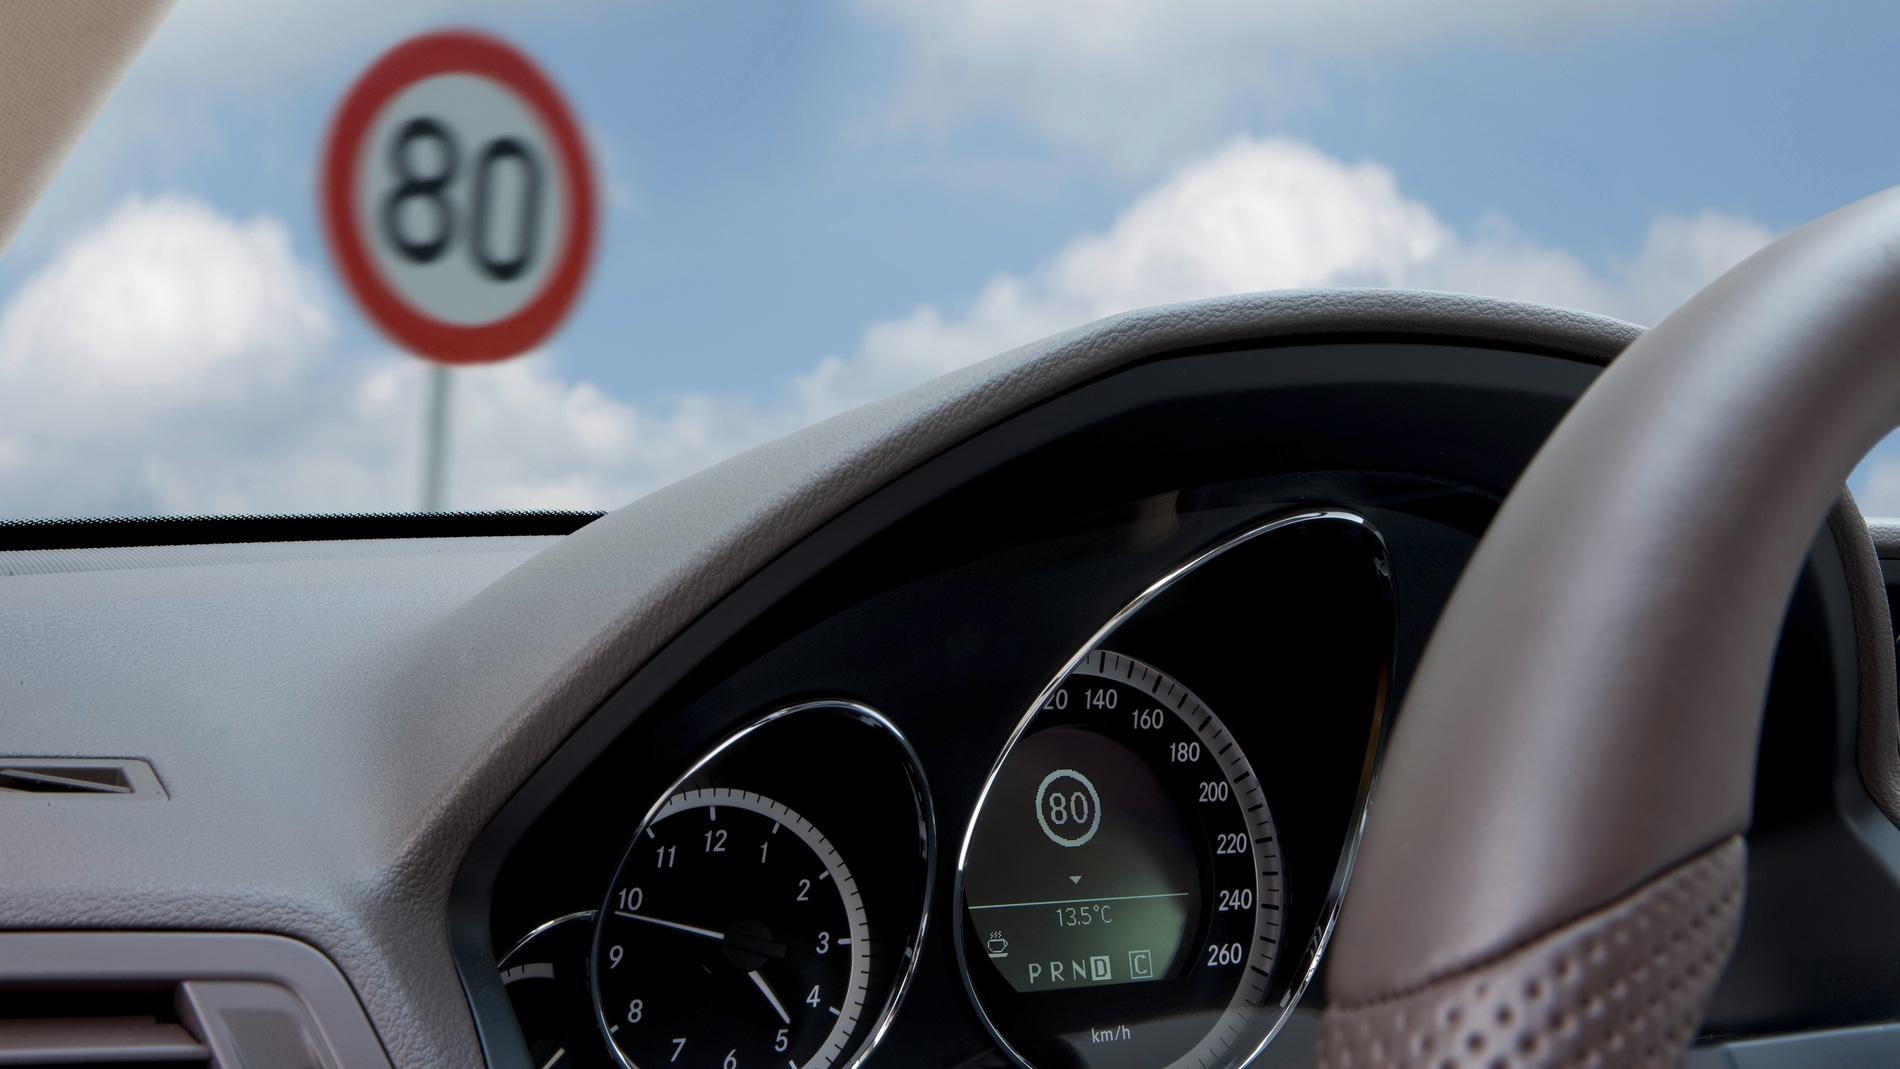 Señal límite de velocidad